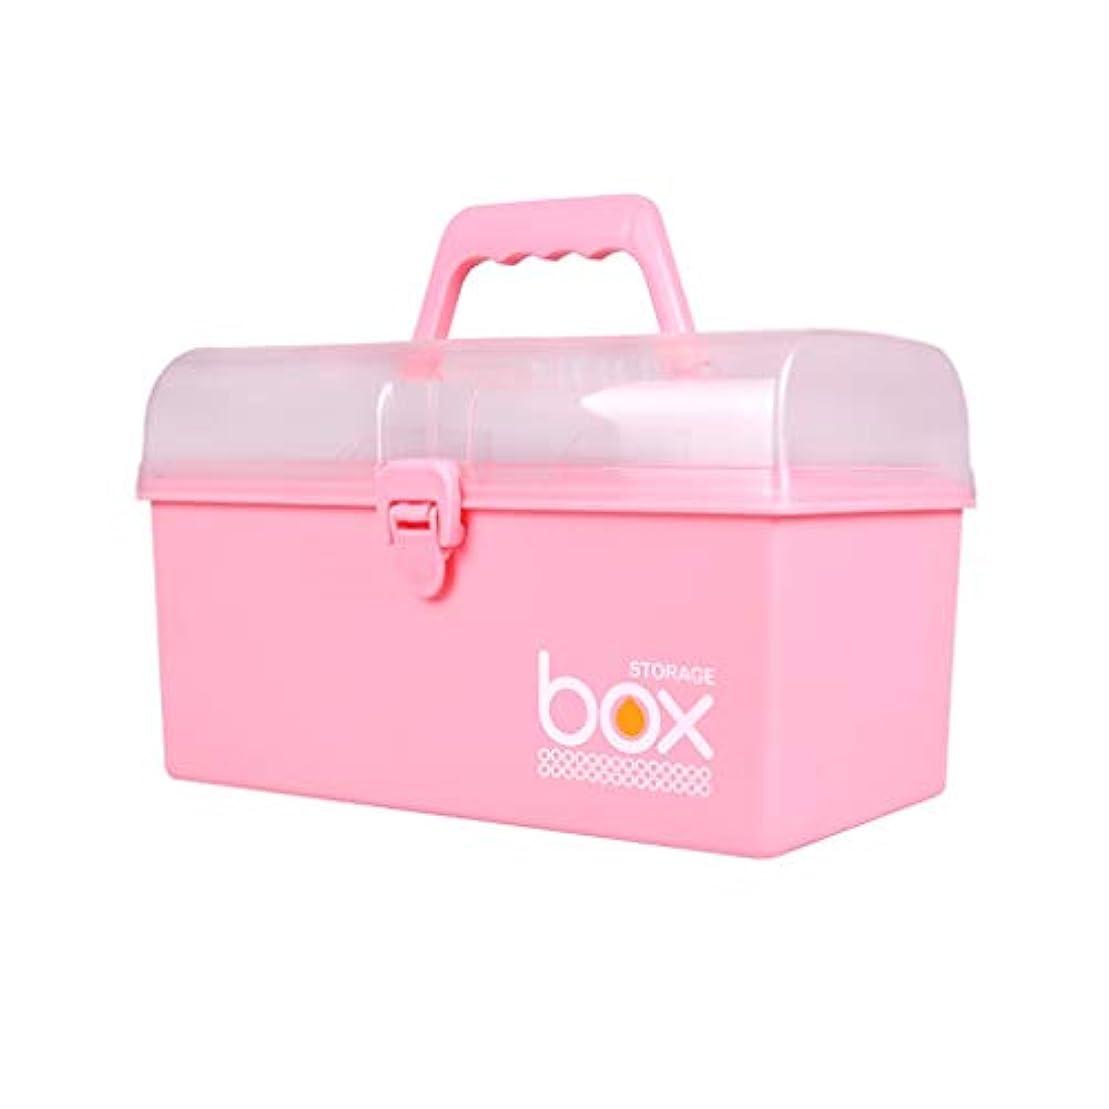 良心的体現する害WXYXG 家庭用薬箱子供用薬箱多層薬箱薬薬収納ボックス箱大応急処置箱医療キット (Color : Pink, Size : 27.5cm×16cm×15.7cm)